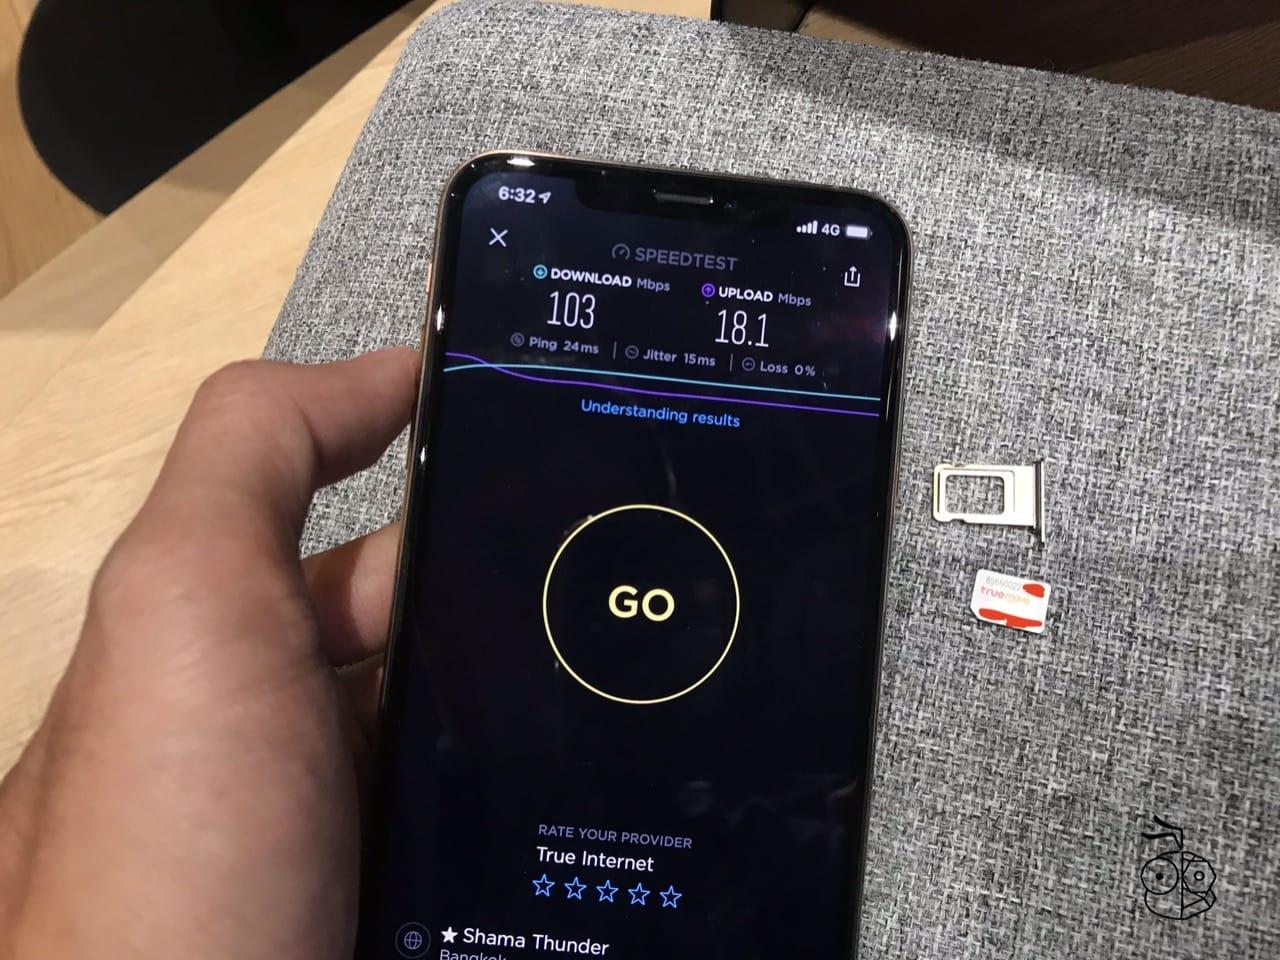 Truemove H Esim Speedtest Iphone Xs Max